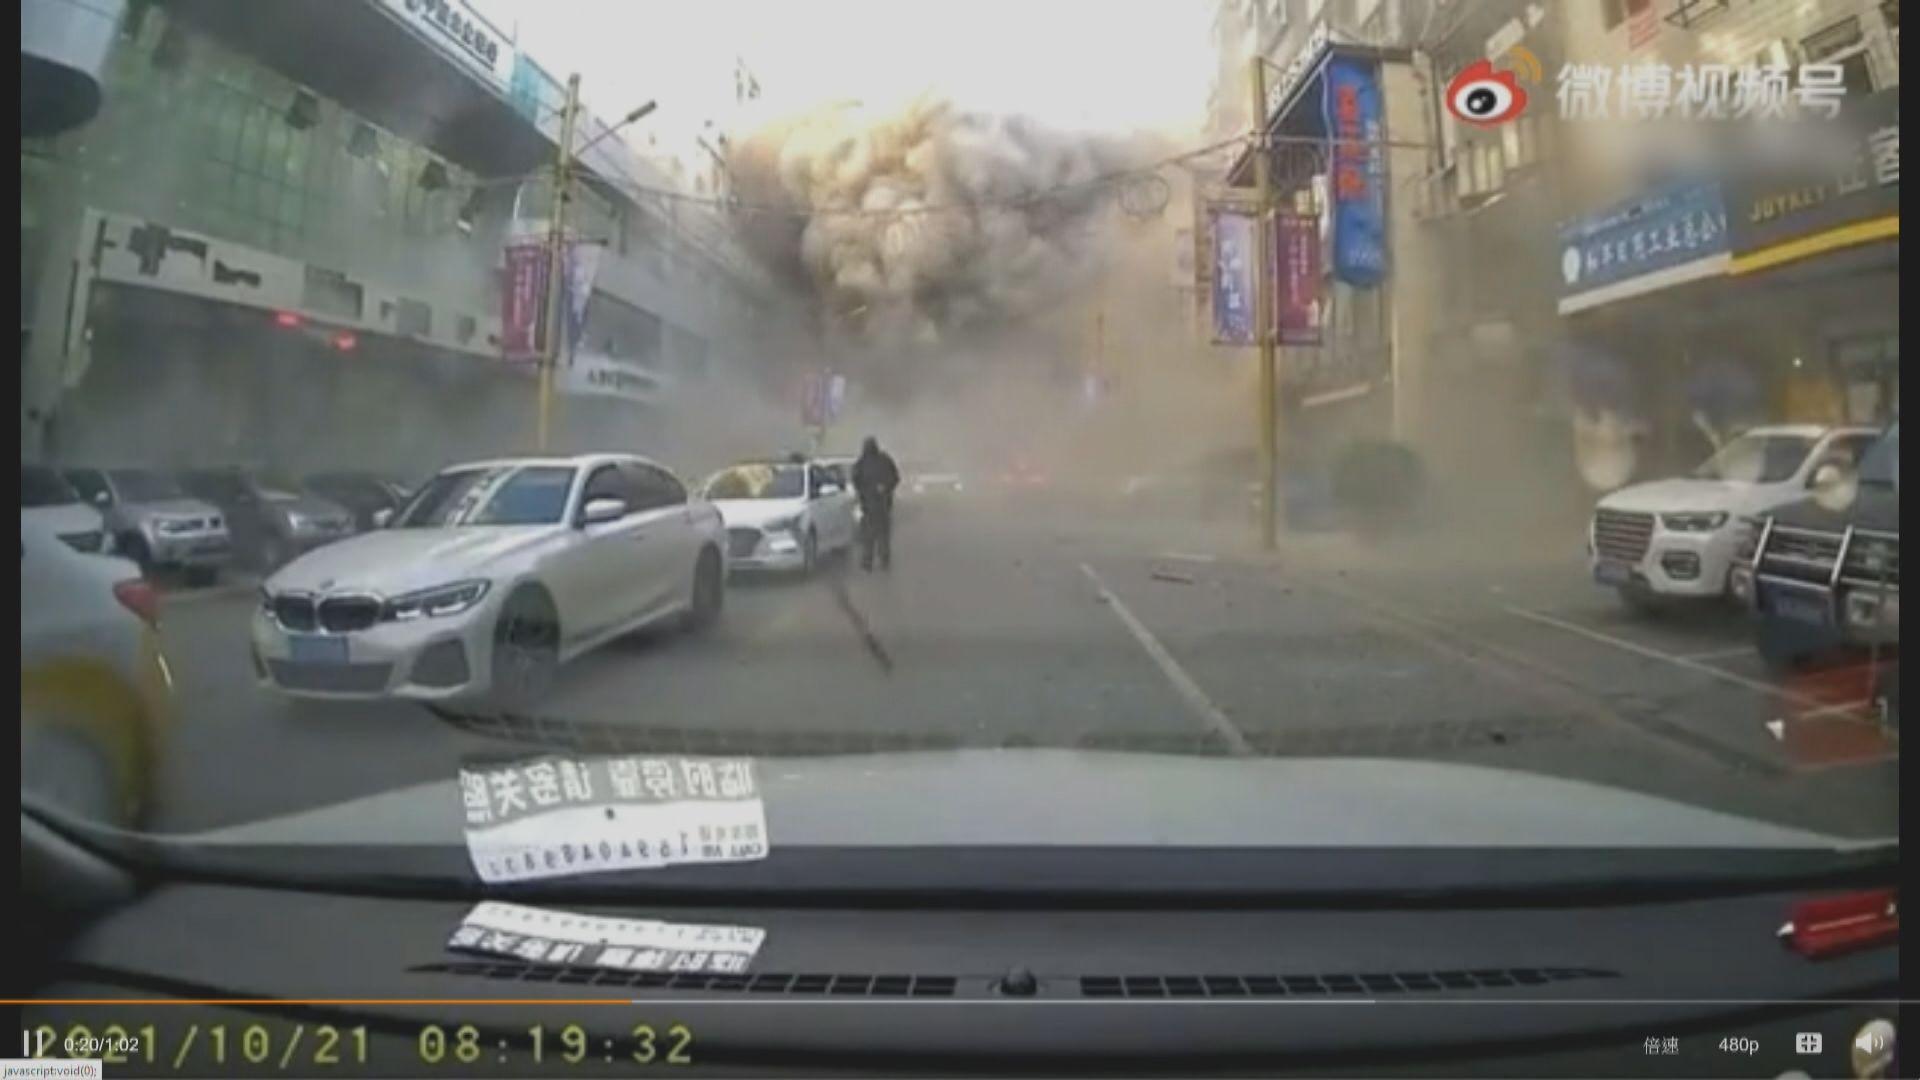 遼寧瀋陽市有飯店懷疑燃氣爆炸 多棟建築物損毀